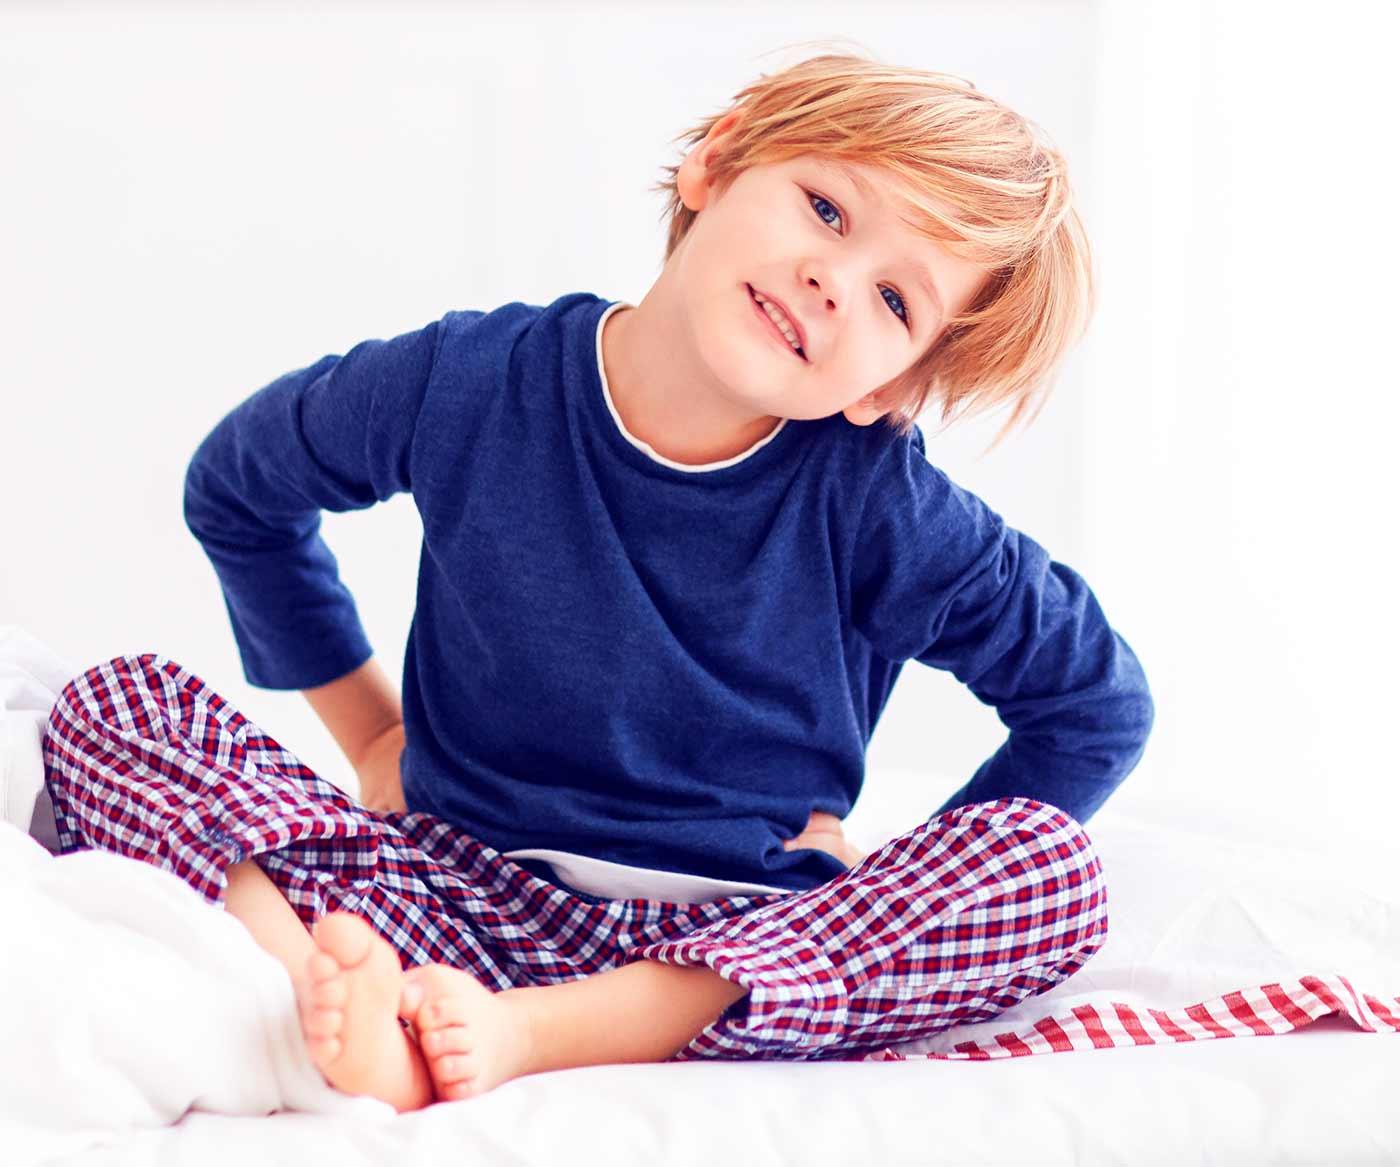 a happy, smiling boy sitting down